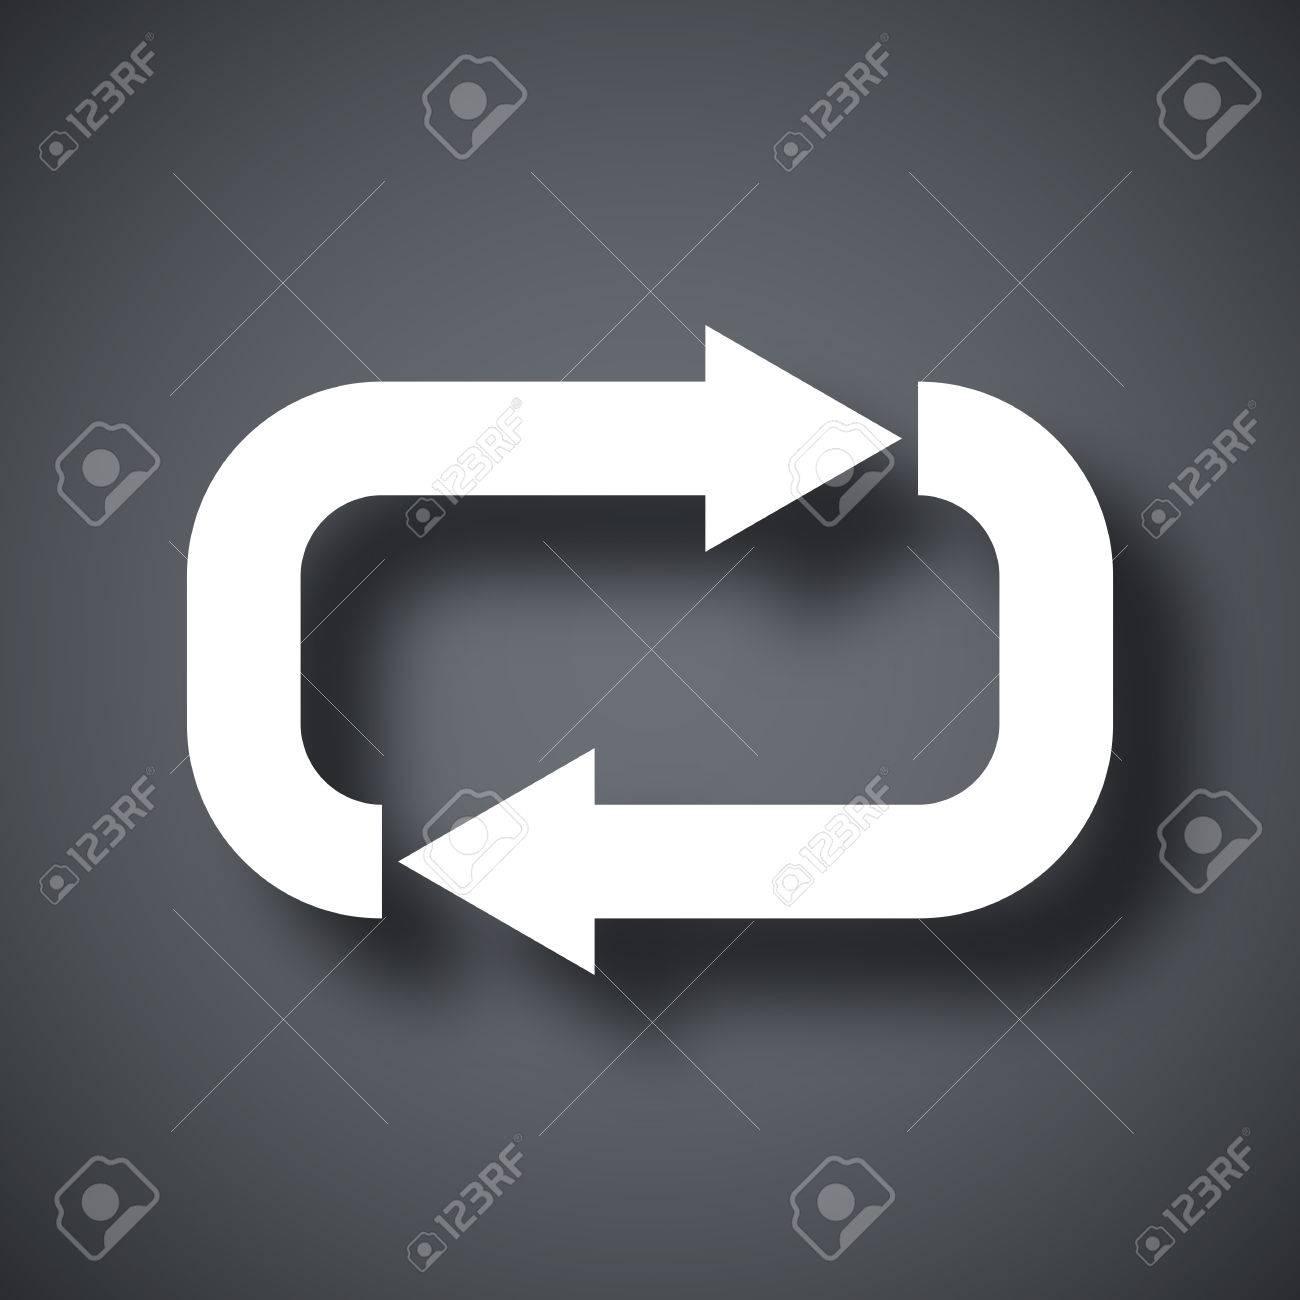 Vector repeat icon - 51355271